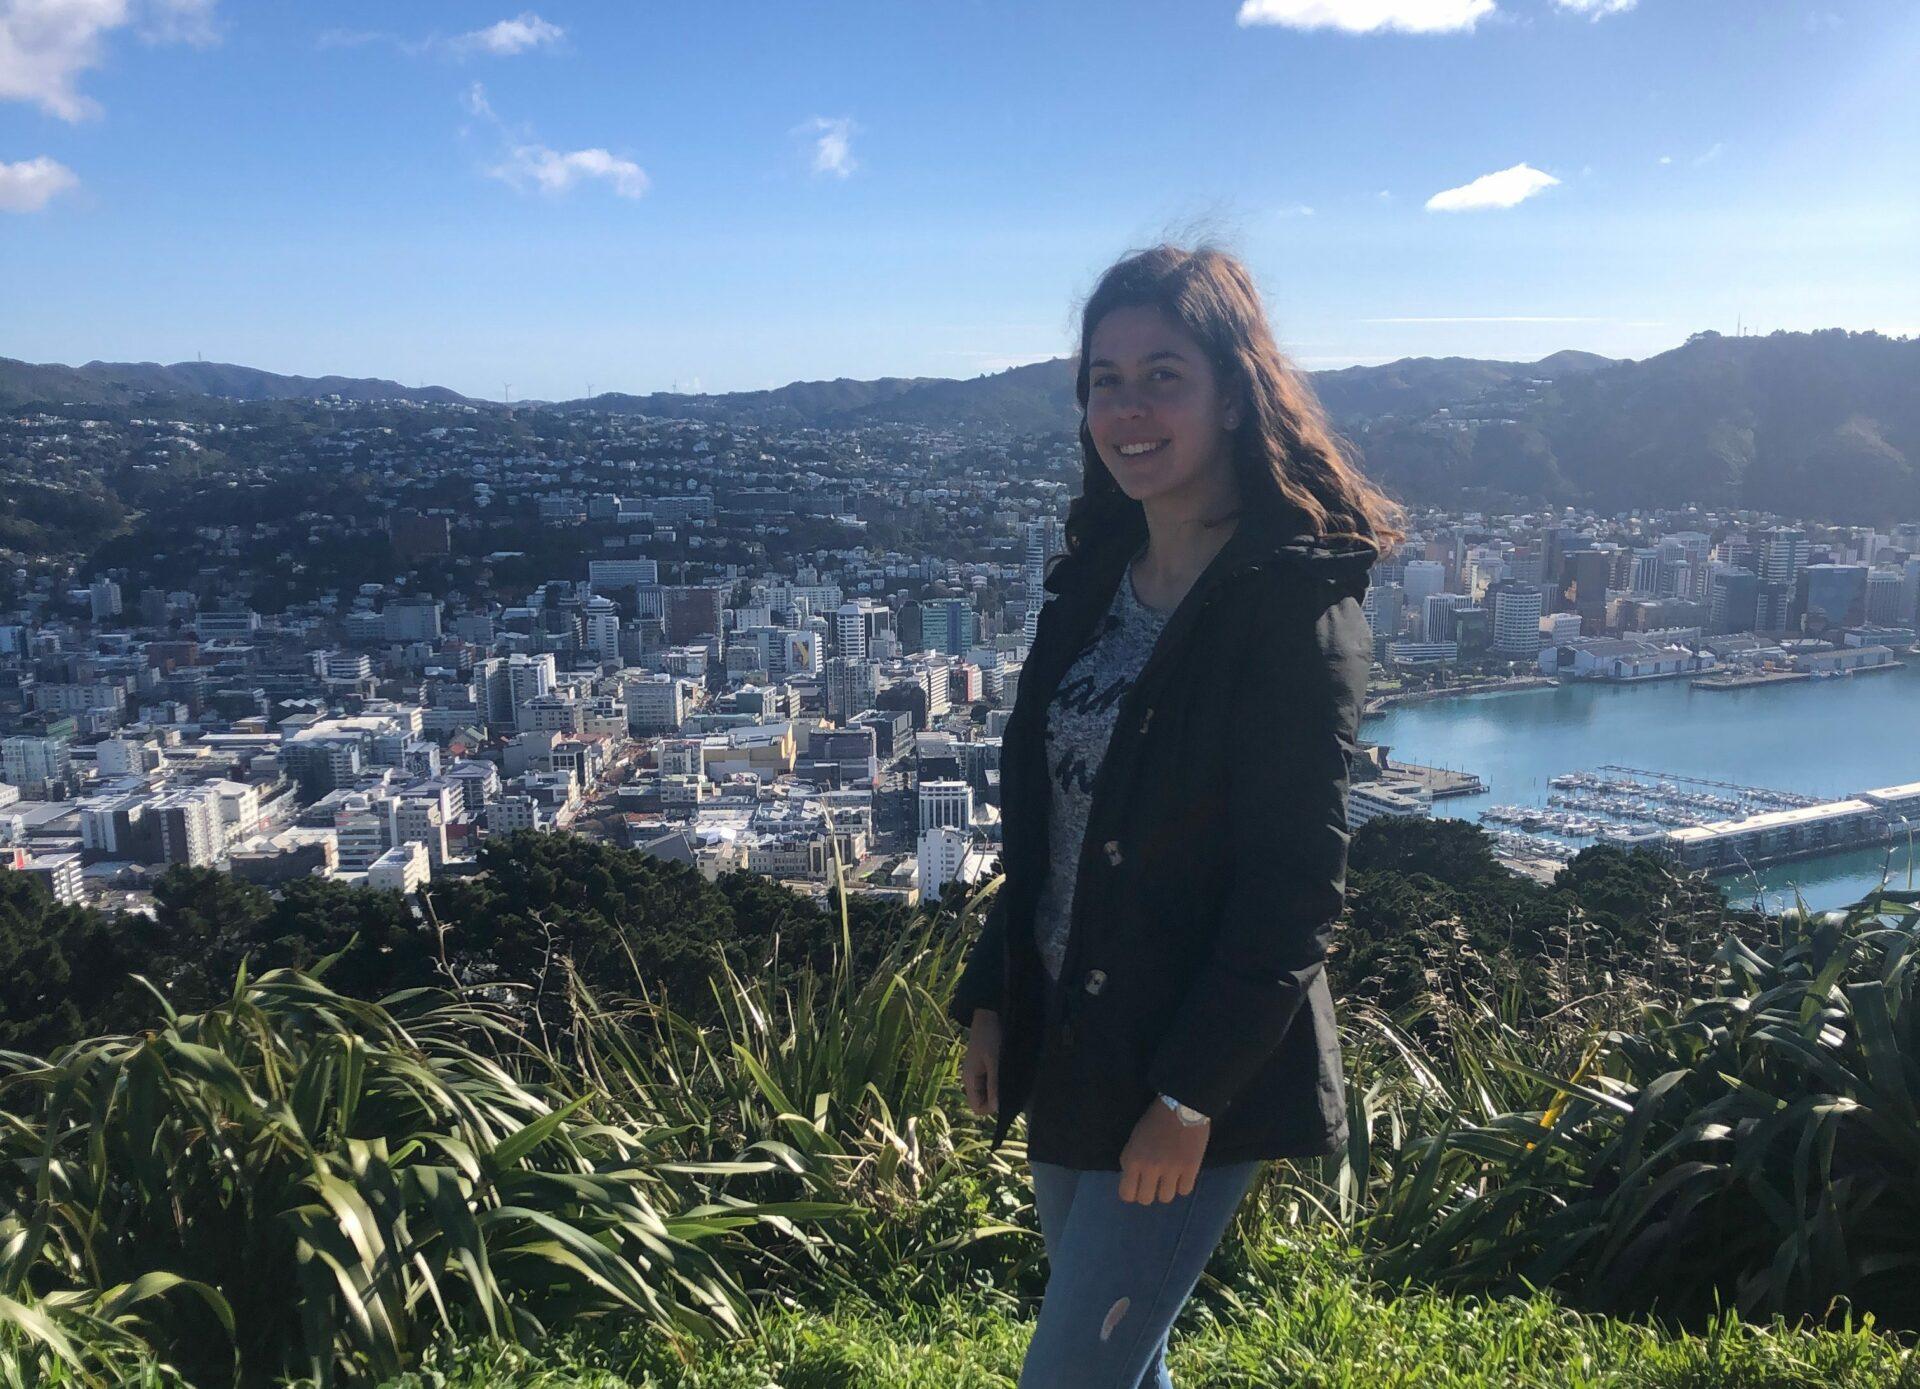 Lunas Reiseblog: So war der Flug nach Neuseeland und so ist die Schule